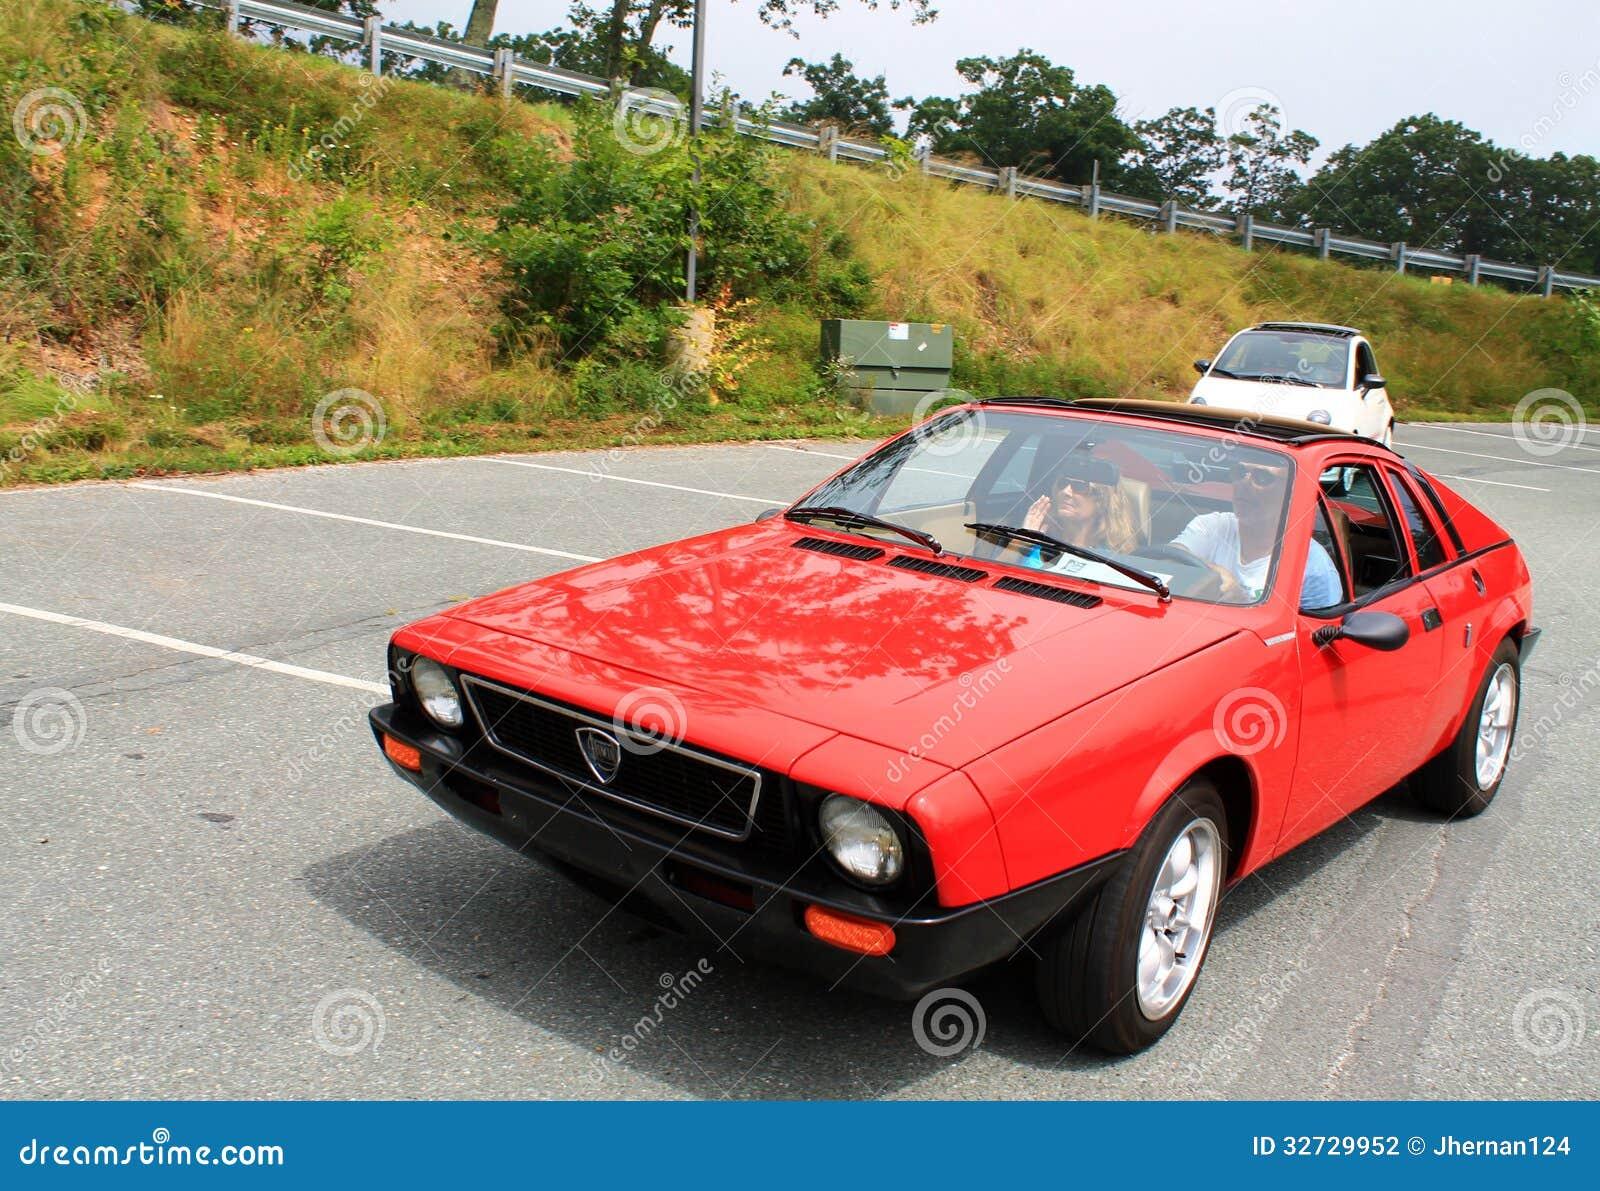 Watch also Leve Vitre Fiat 500 as well Fiat 500 Ribelle E Fiat 500l Urban Trekking Largo Al Bicolore additionally Fiat Punto 1 2 Punto Azzurro Tuning also 80 Pour Noel Offrez Une Auto Dans Votre Deco. on fiat 500 audio